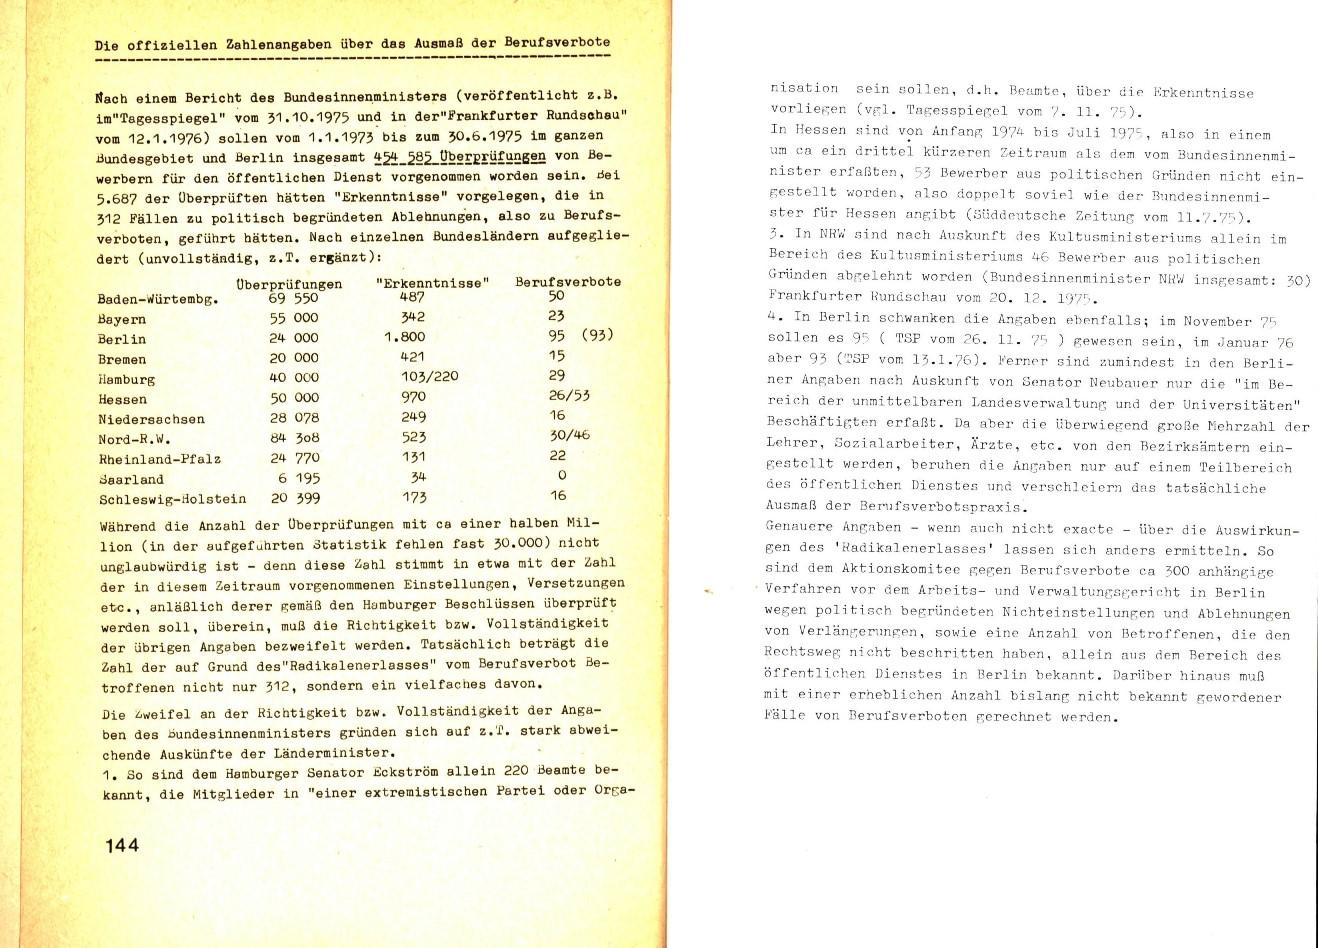 Berlin_VDS_Aktionskomitee_1976_BerufsverboteIII_74